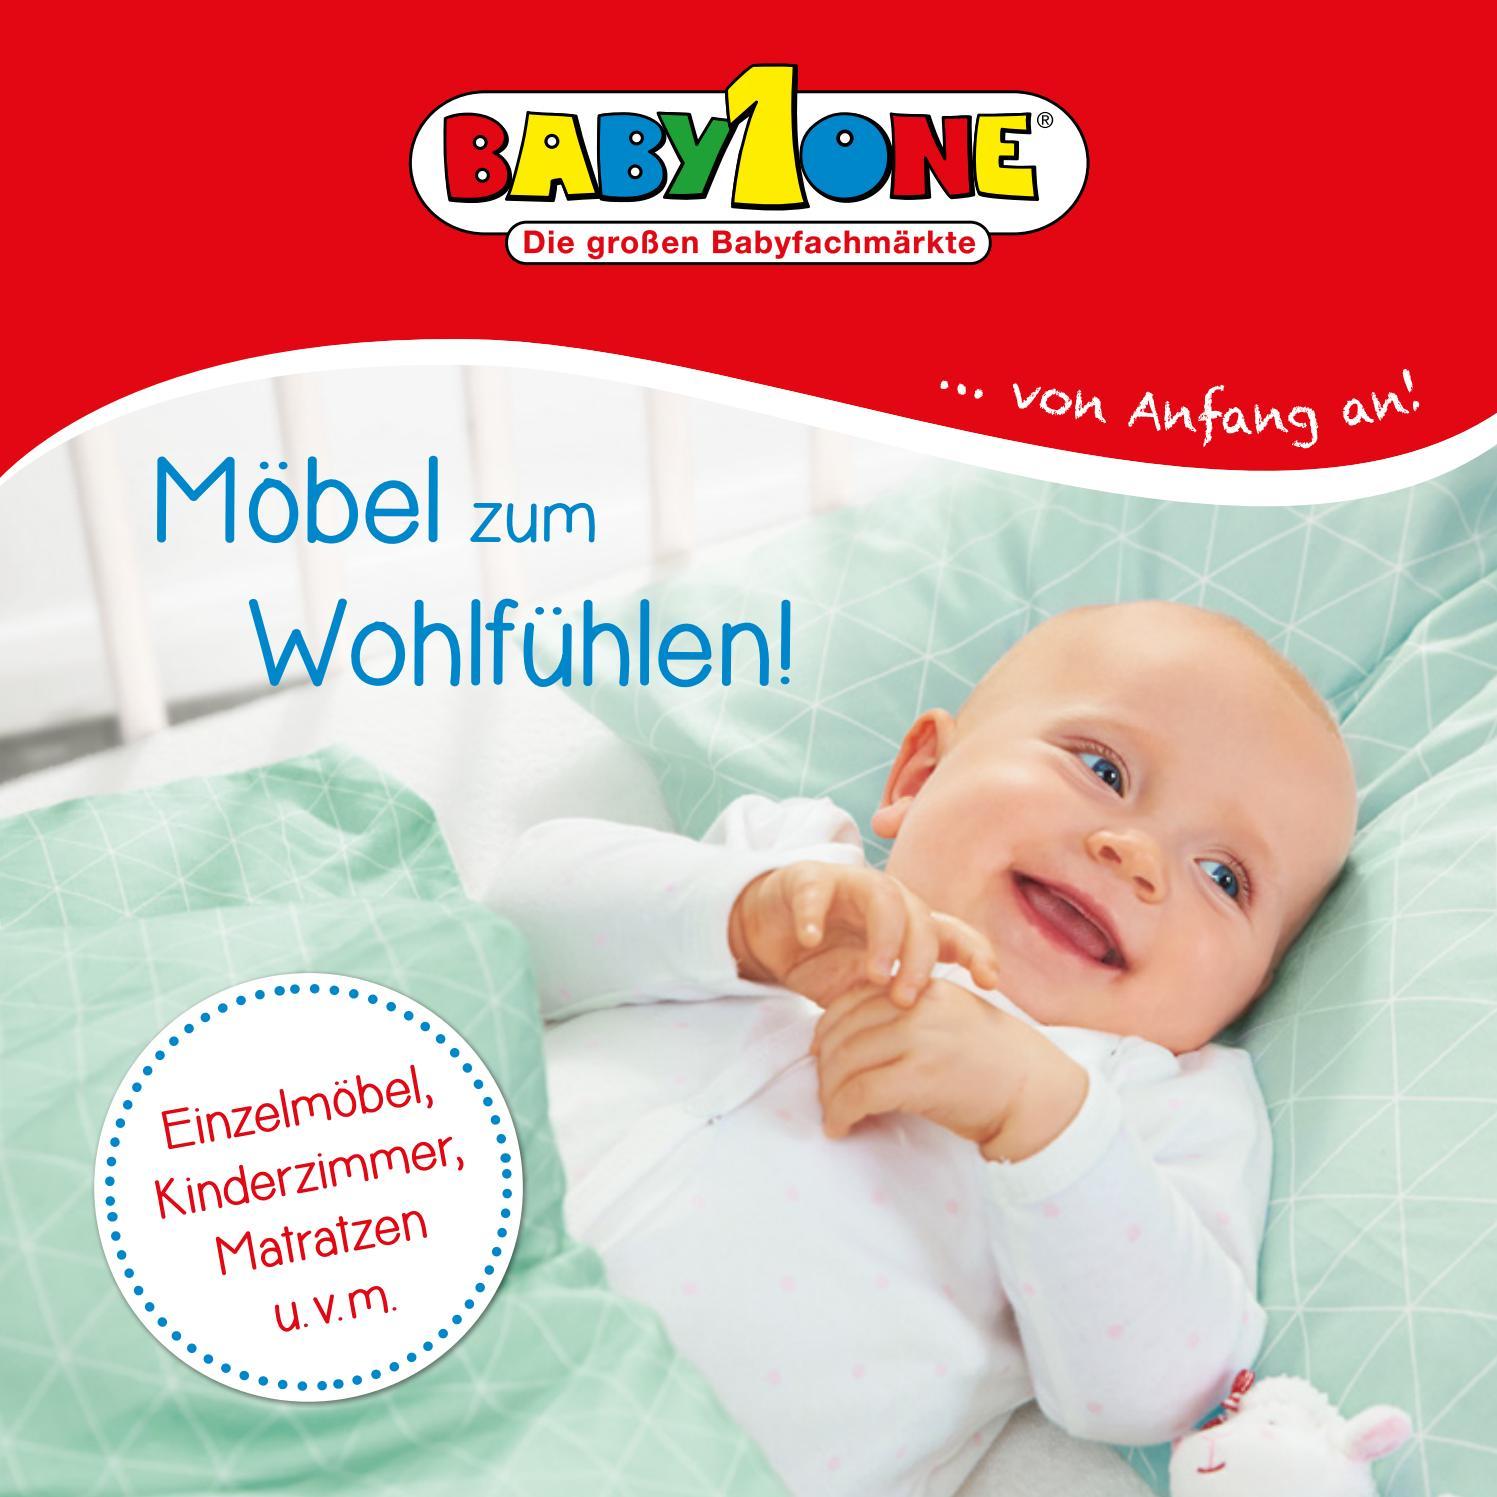 BabyOne Möbelkatalog 2016 - Deutschland by BabyOne ...von Anfang ...